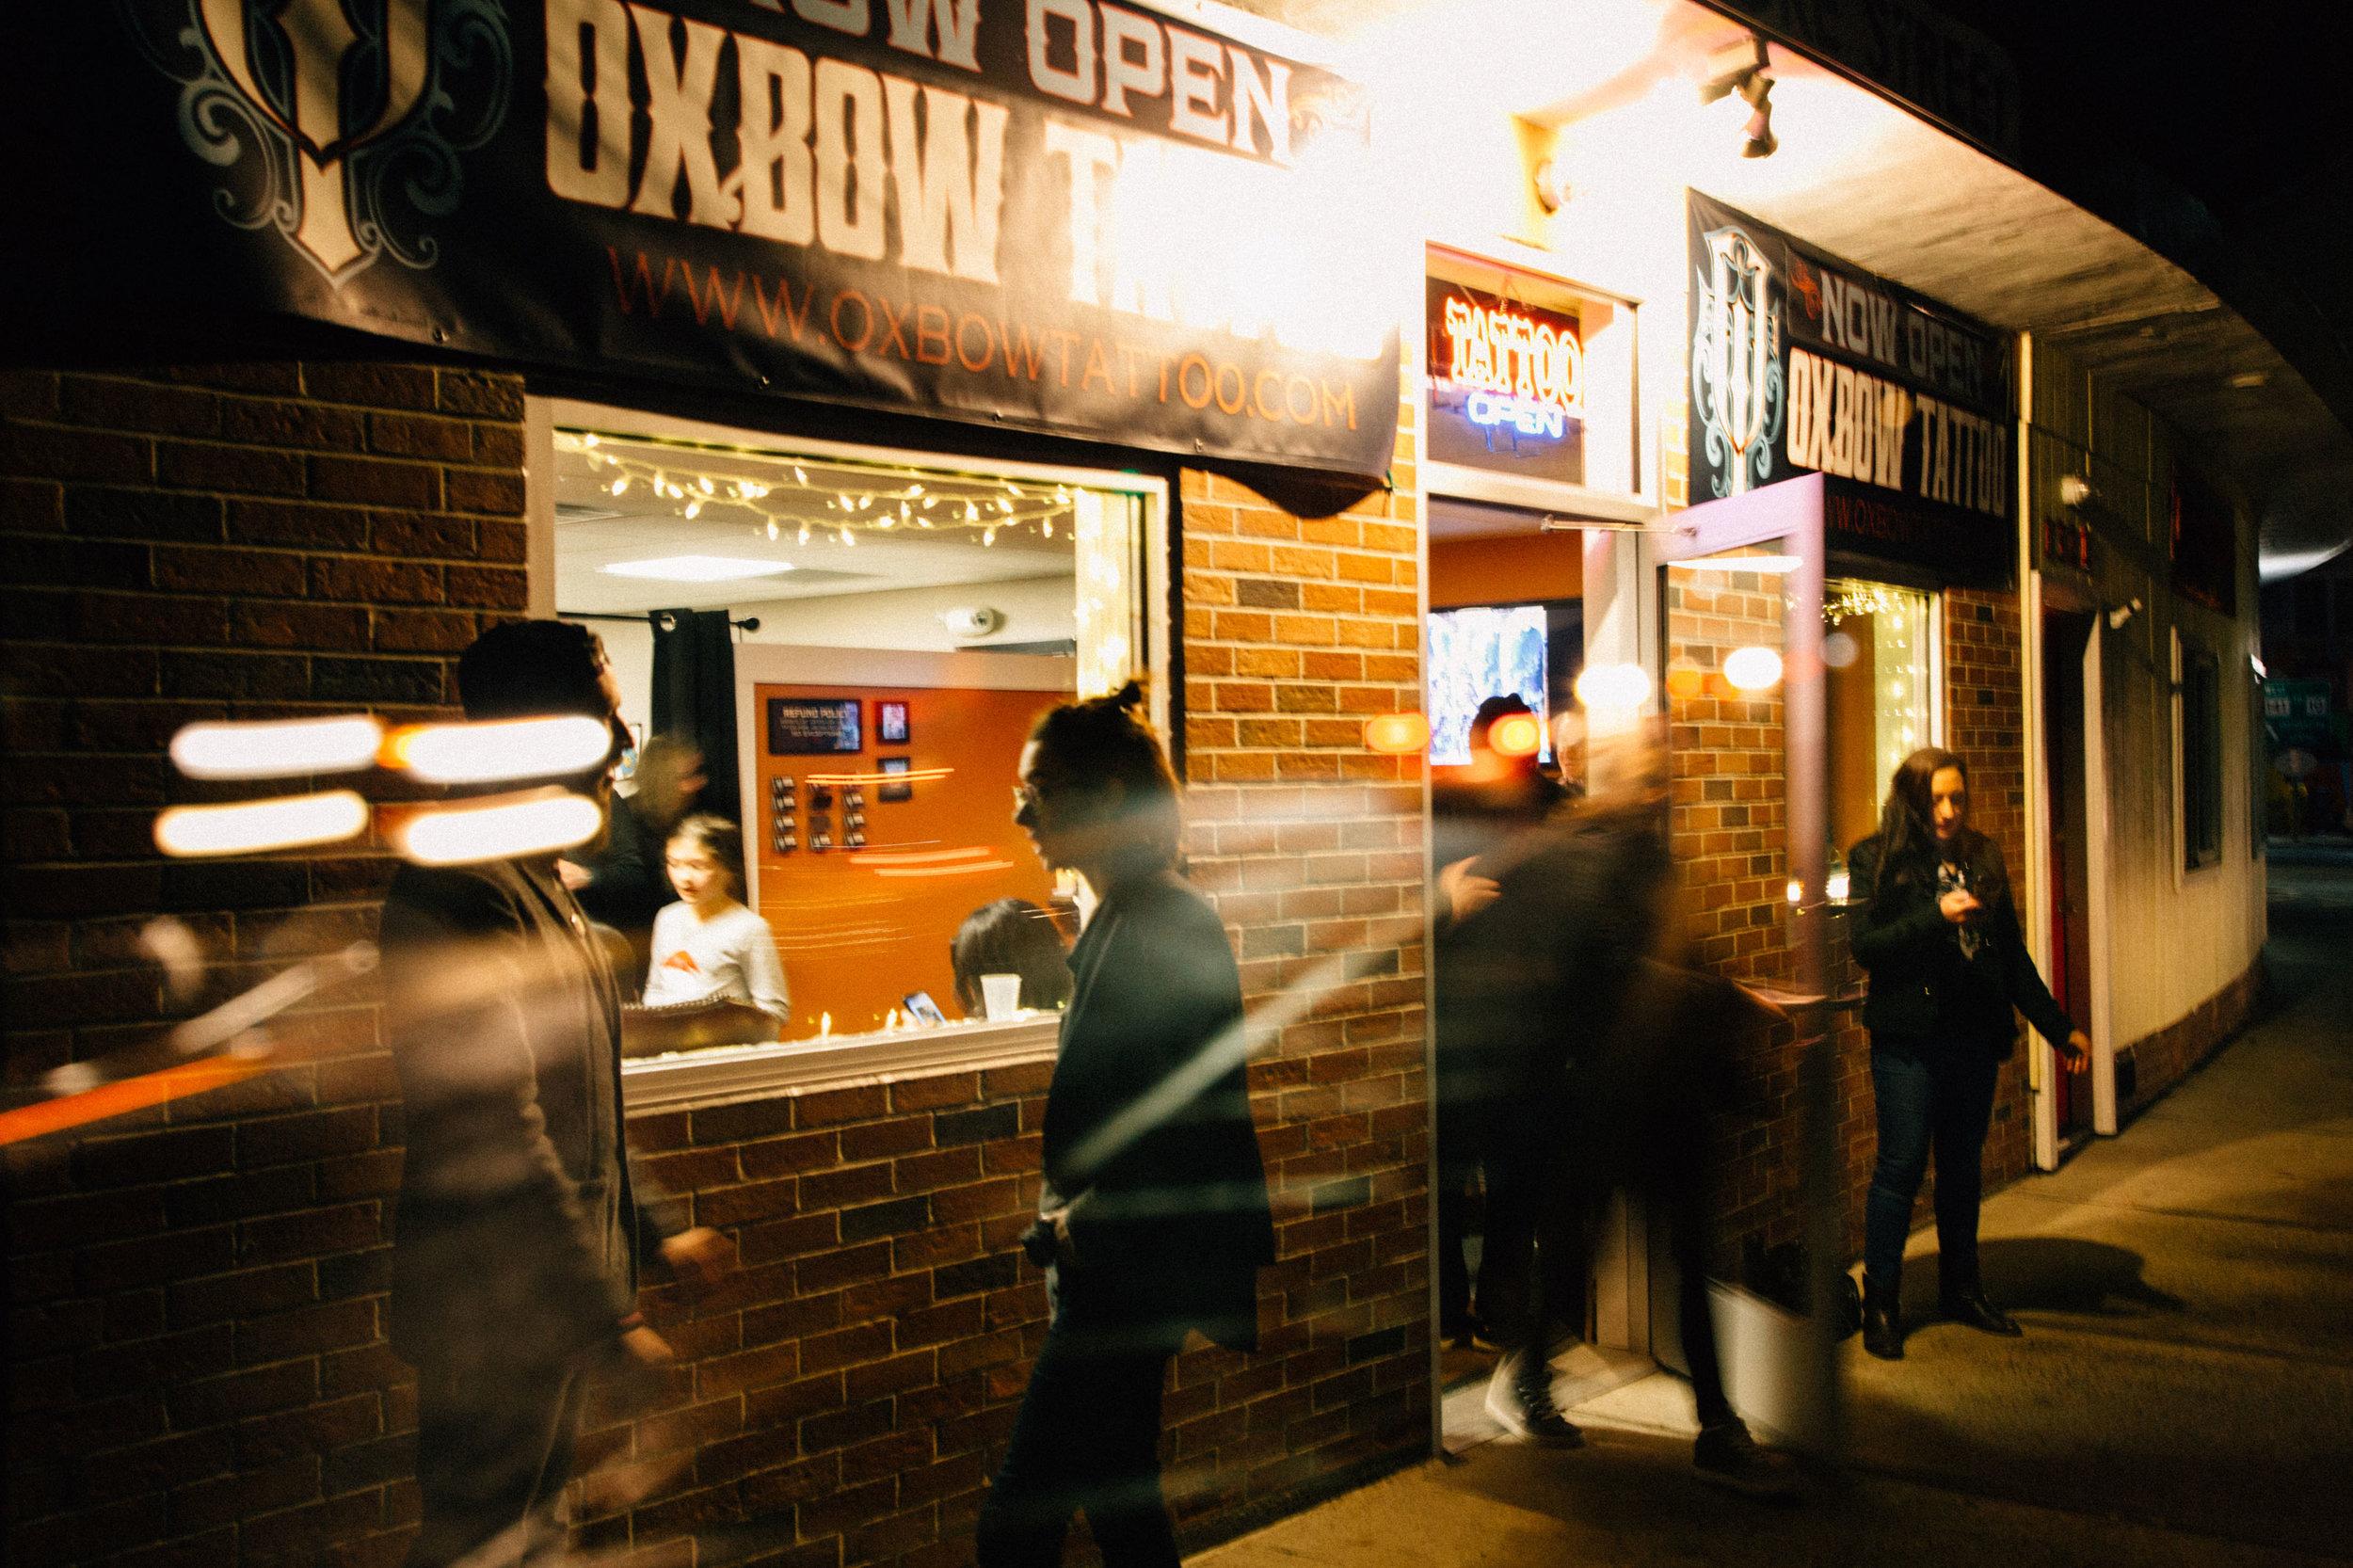 OxbowOpening-Hope-0467.jpg